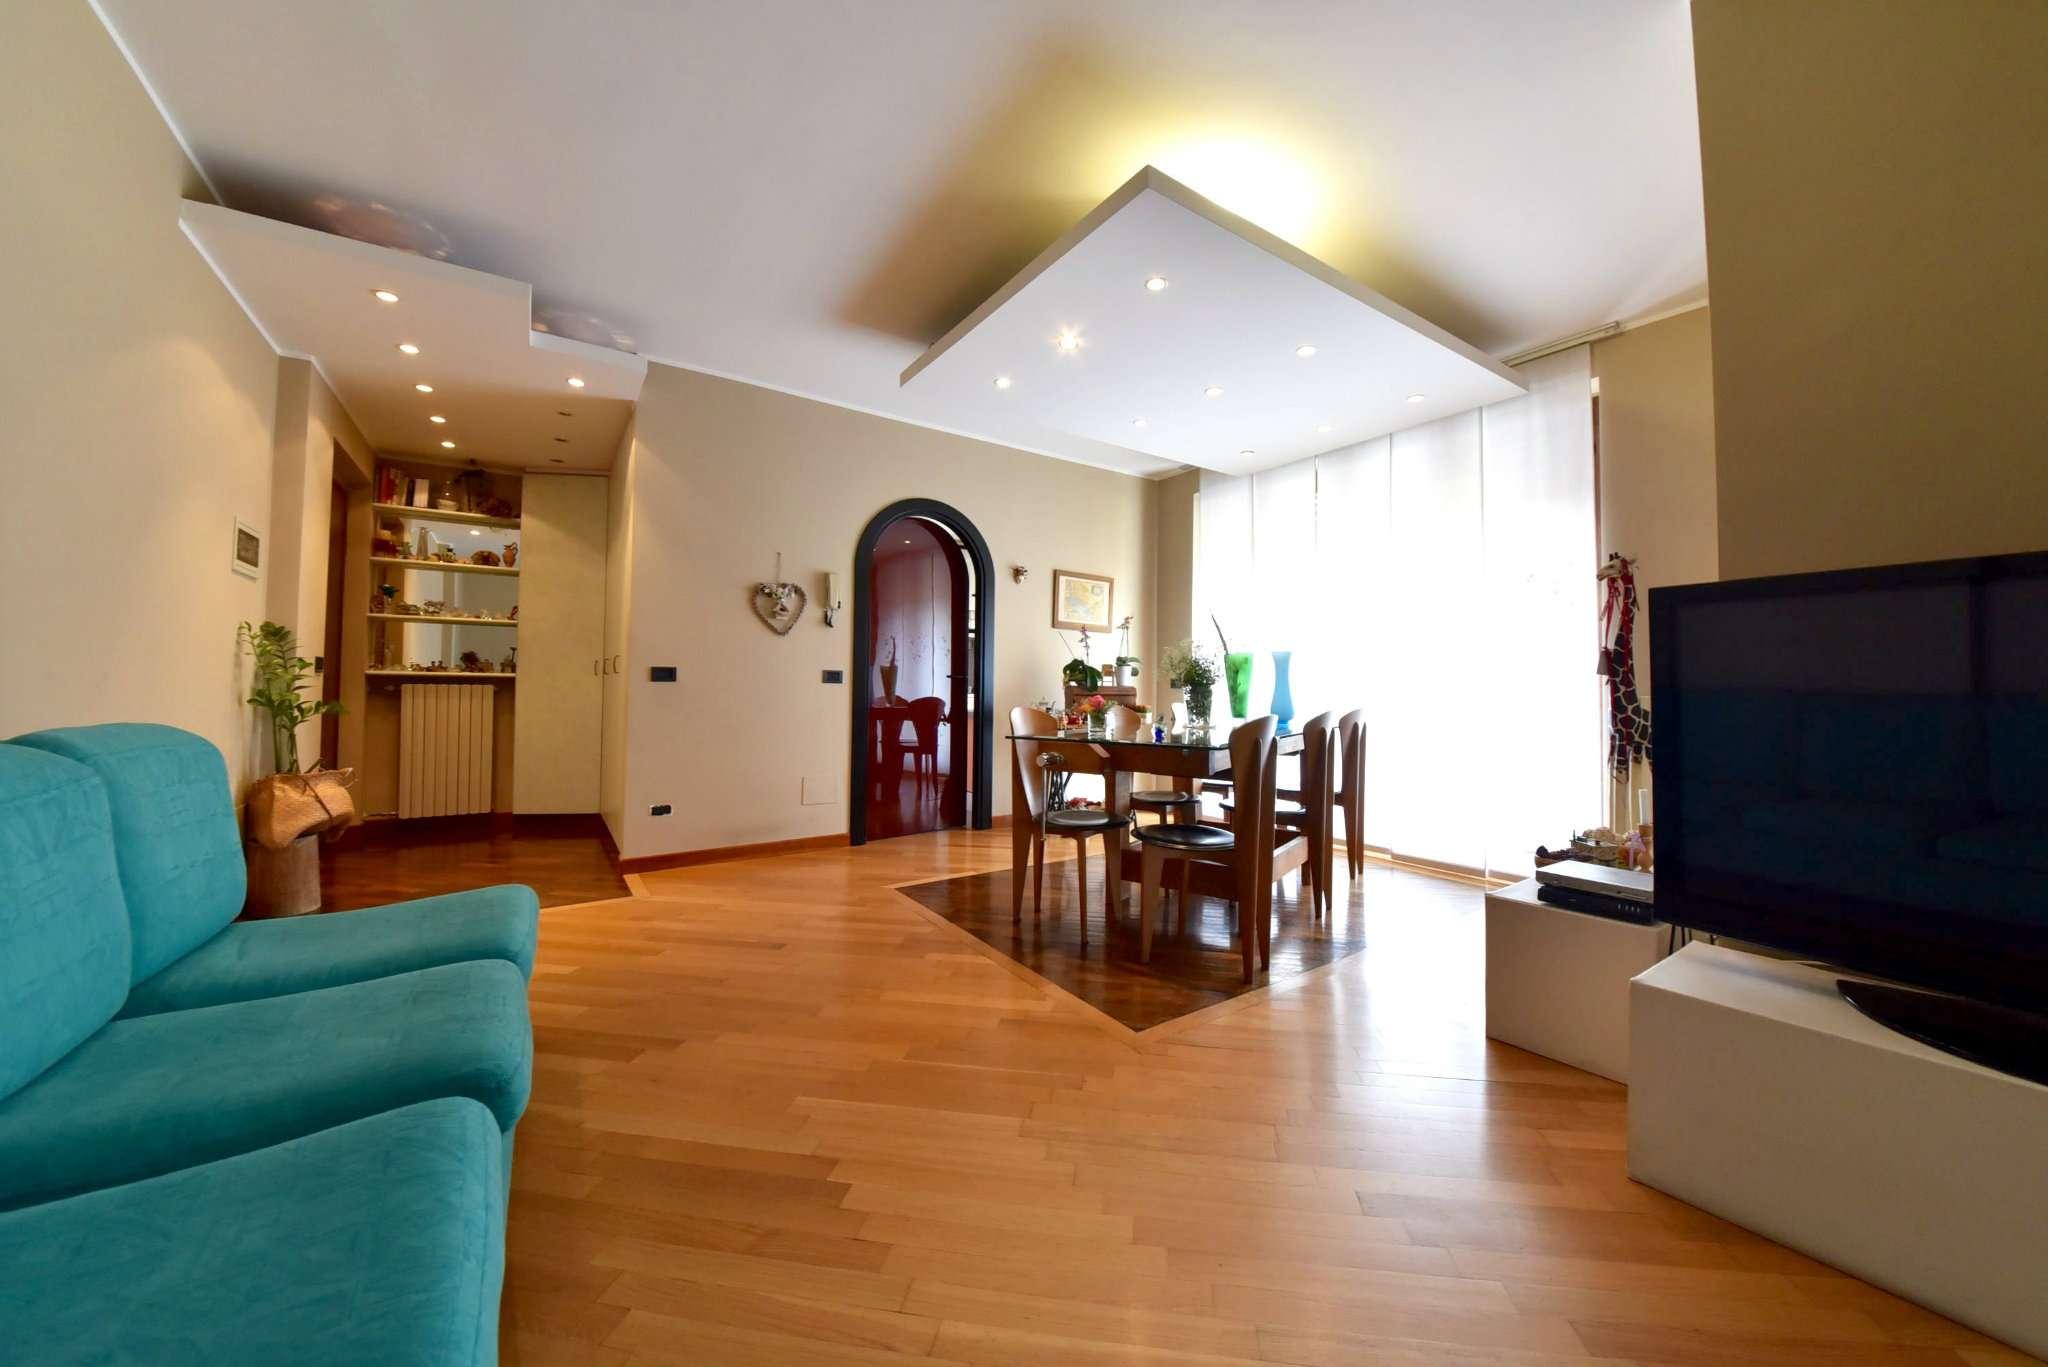 Appartamento in vendita a Lazzate, 3 locali, prezzo € 165.000 | CambioCasa.it